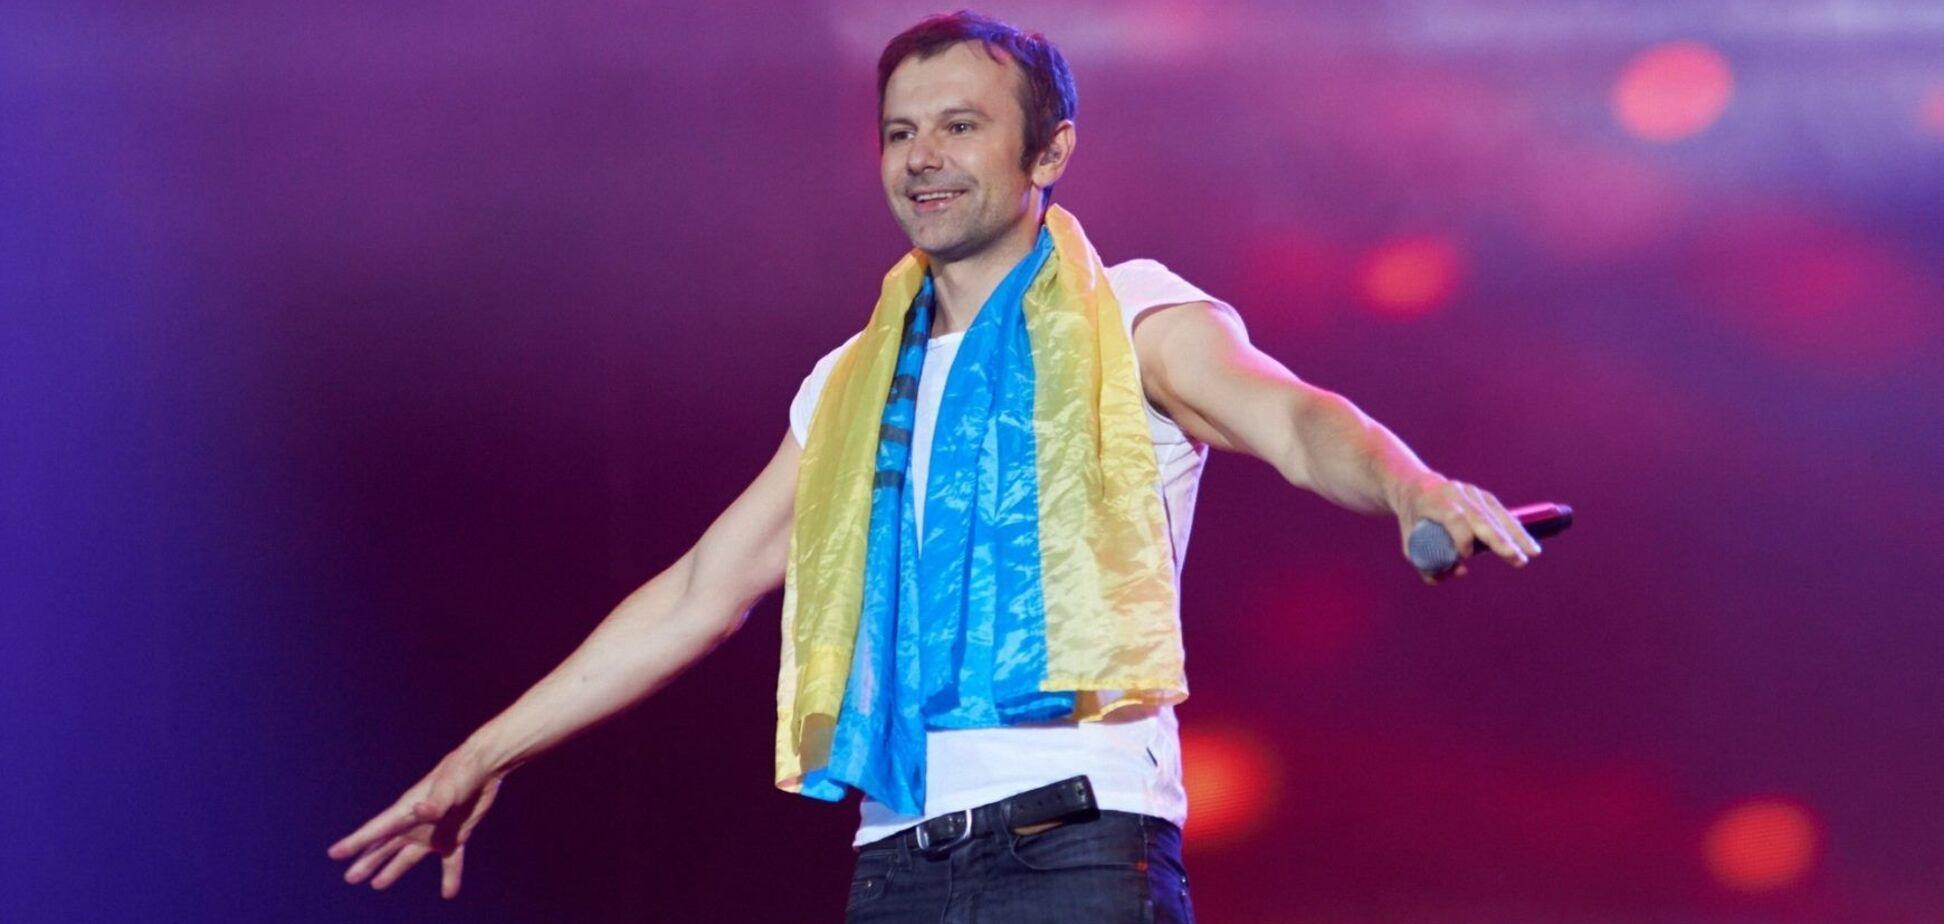 Вакарчук заявил, что новый клип 'Знову' сняла его дочь Диана